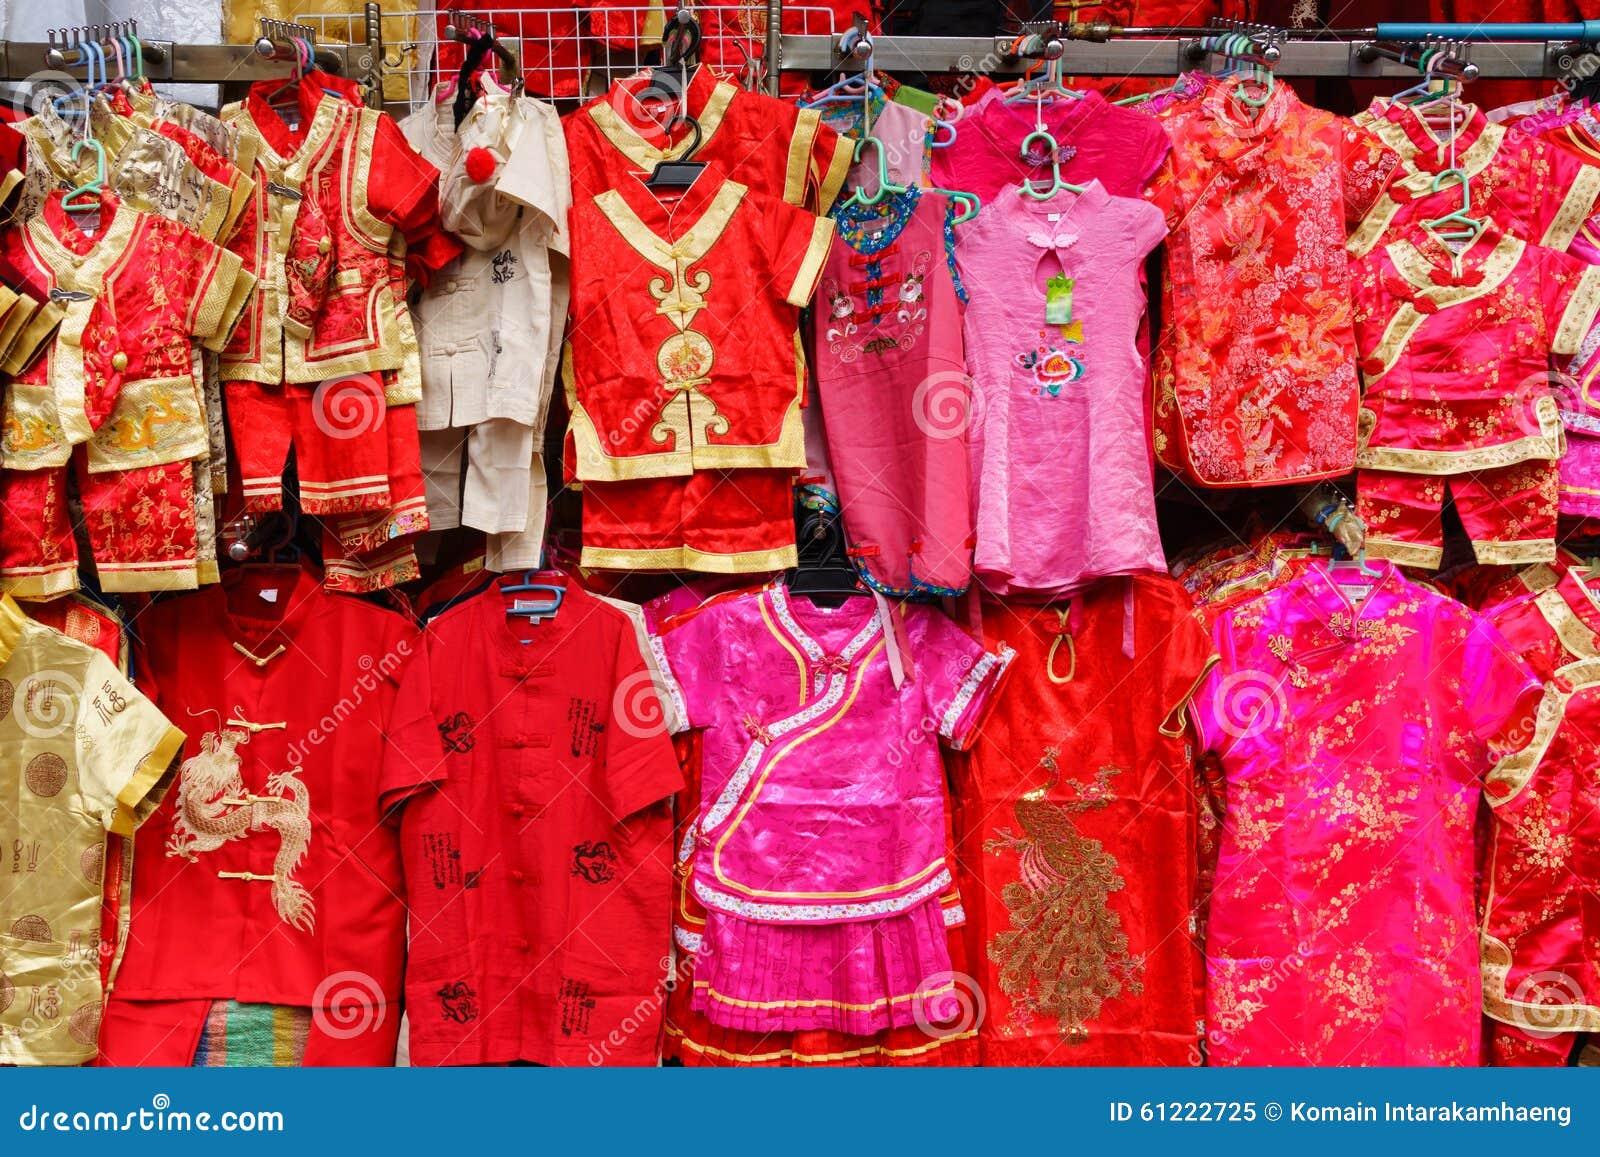 Vestiti tradizionali dei bambini cinesi immagine stock for Oggetti tradizionali cinesi